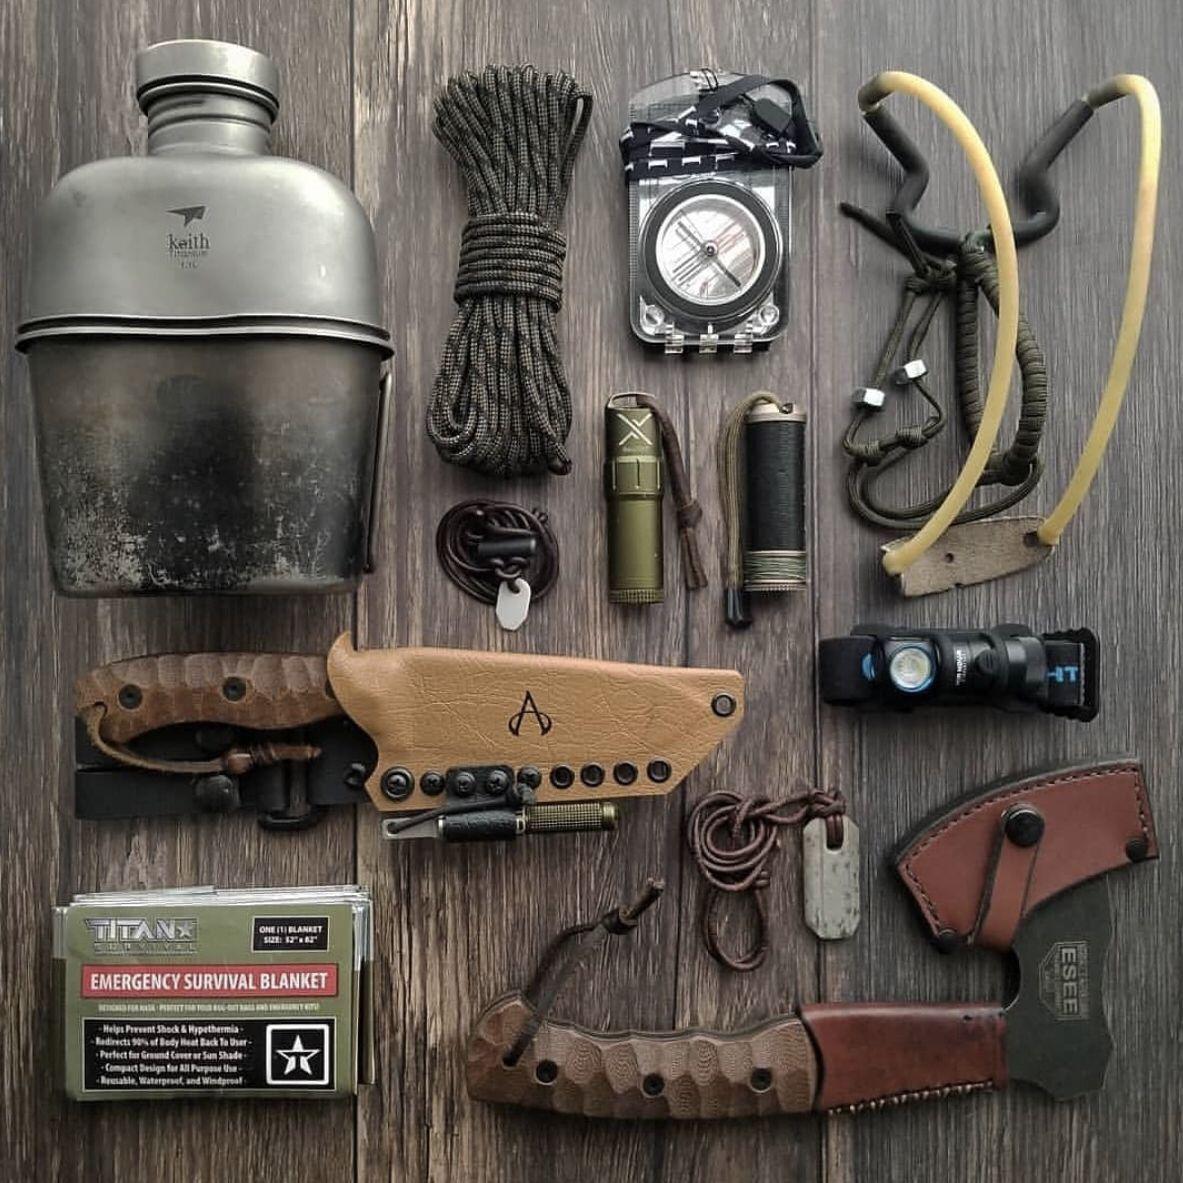 Gear Loadout Survival Gear Outdoor Survival Gear